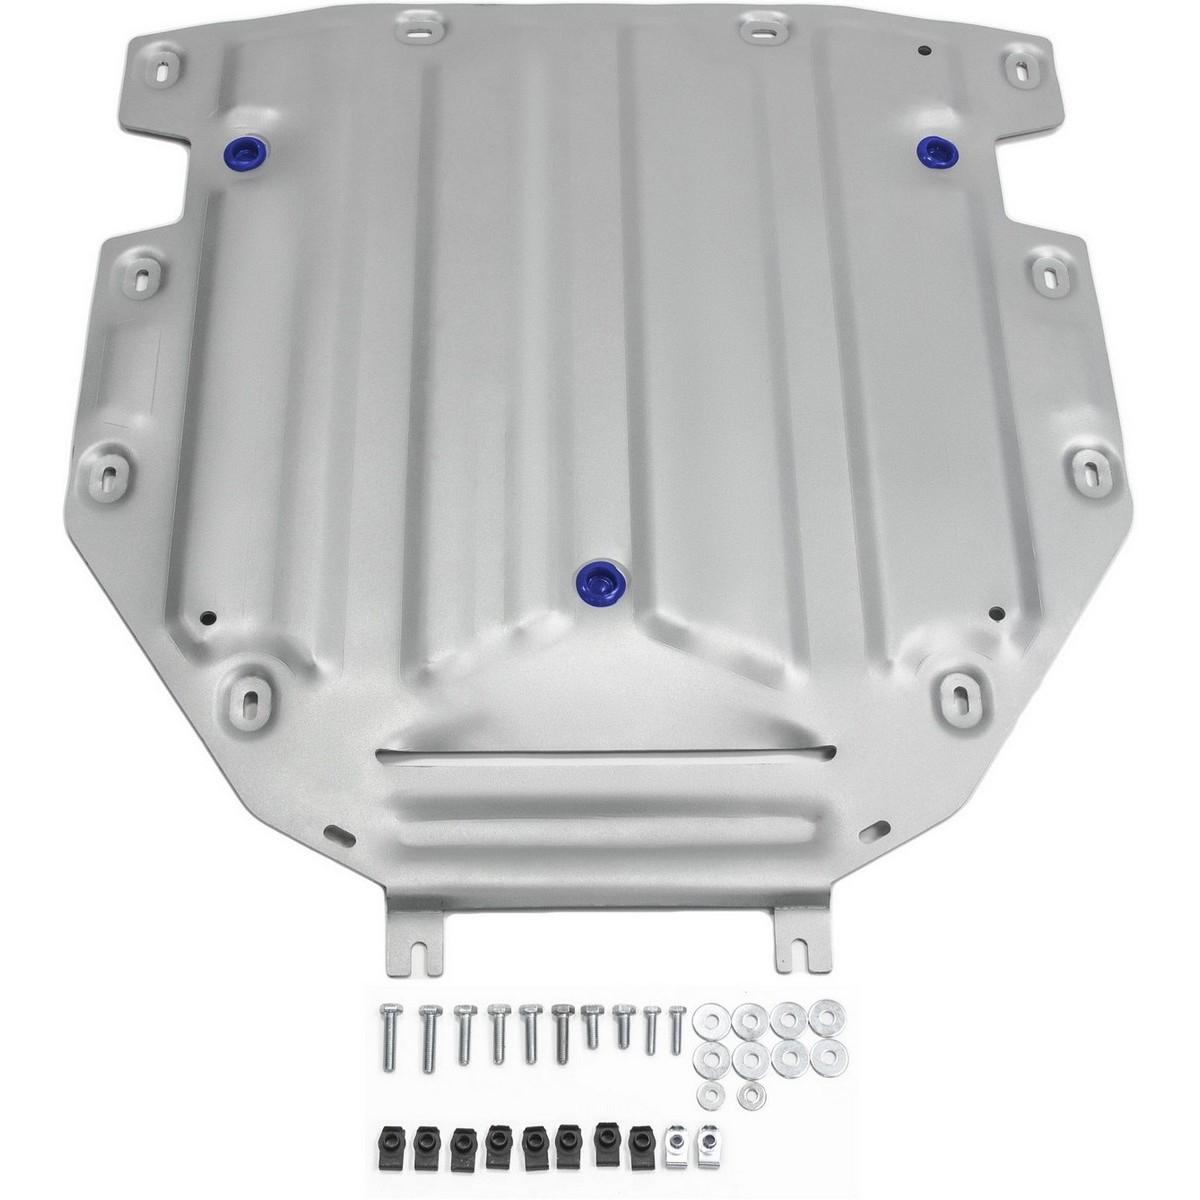 Защита КПП Rival для Audi Q7 2015-, алюминий 4 мм333.0330.1Защита КПП Rival для Audi Q7 V - 3.0; 3.0d 2015-н.в., алюминий 4 мм, крепеж в комплекте, 333.0330.1Алюминиевые защиты Rival надежно защищают днище вашего автомобиля от повреждений, например при наезде на бордюры, а также выполняют эстетическую функцию при установке на высокие автомобили.- Толщина алюминиевых защит в 2 раза толще стальных, а вес при этом меньше до 30%.- Отлично отводит тепло от двигателя своей поверхностью, что спасает двигатель от перегрева в летний период или при высоких нагрузках.- В отличие от стальных, алюминиевые защиты не поддаются коррозии, что гарантирует срок службы защит более 5 лет.- Покрываются порошковой краской, что надолго сохраняет первоначальный вид новой защиты и защищает от гальванической коррозии.- Глубокий штамп дополнительно усиливает конструкцию защиты.- Подштамповка в местах крепления защищает крепеж от срезания.- Технологические отверстия там, где они необходимы для смены масла и слива воды, оборудованные заглушками, надежно закрепленными на защите.- Помимо основной функции защиты от удара, конструкция так же существенно снижает попадание в моторный отсек влаги и грязи.В комплекте инструкция по установке.Уважаемые клиенты!Обращаем ваше внимание, на тот факт, что защита имеет форму, соответствующую модели данного автомобиля. Наличие глубокого штампа и лючков для смены фильтров/масла предусмотрено не на всех защитах. Фото служит для визуального восприятия товара.